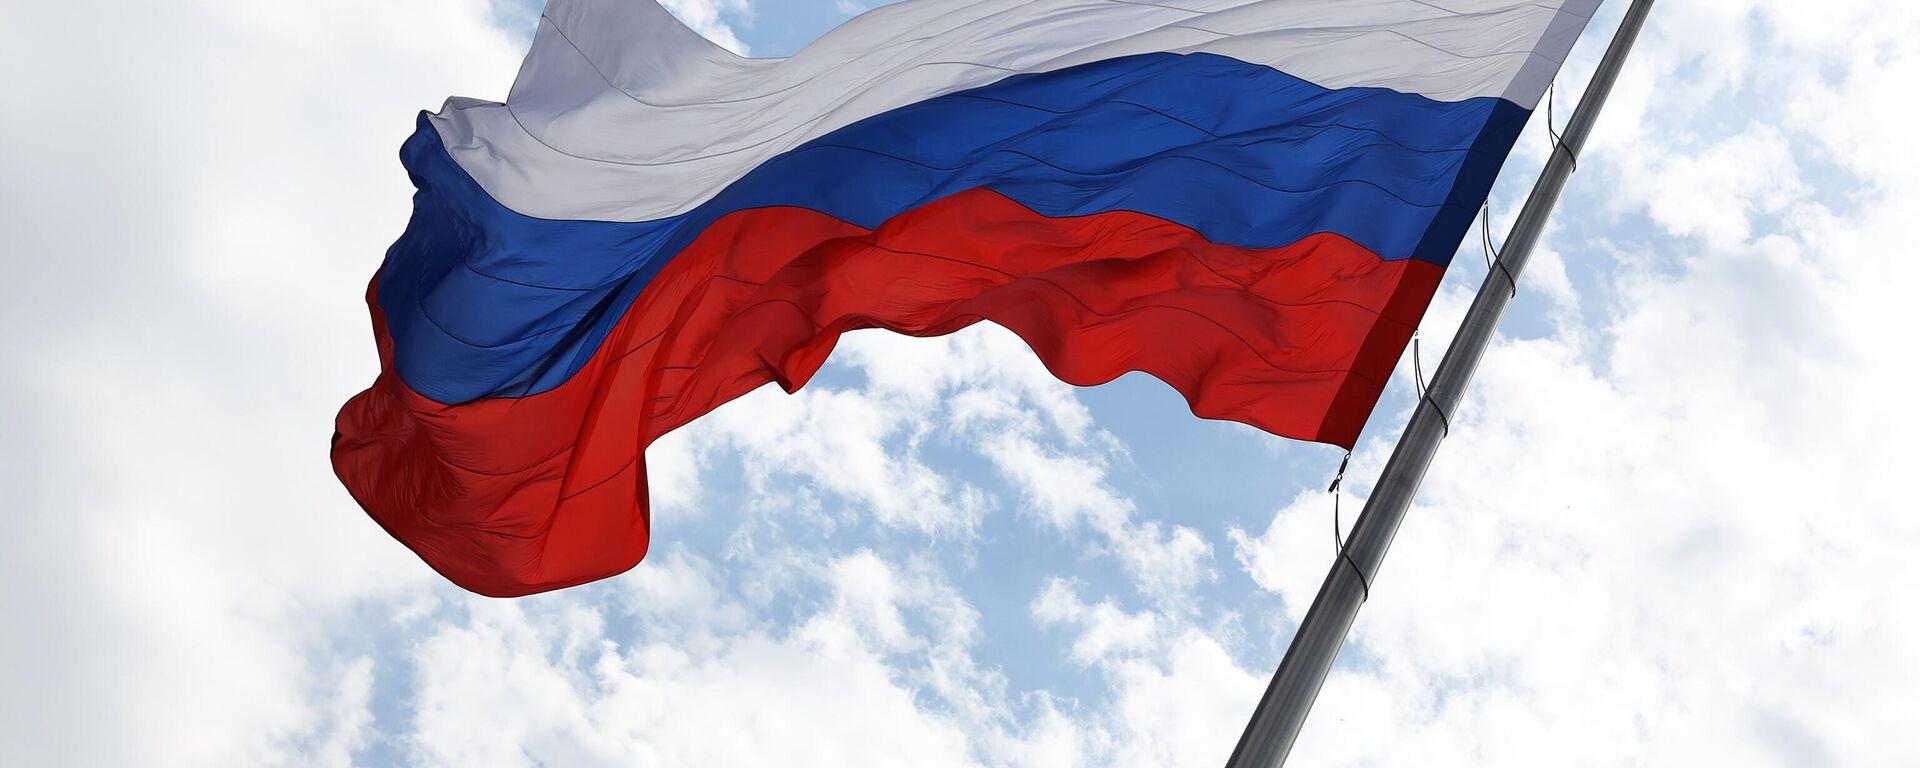 Russische Fahne (Symbolbild) - SNA, 1920, 11.08.2021